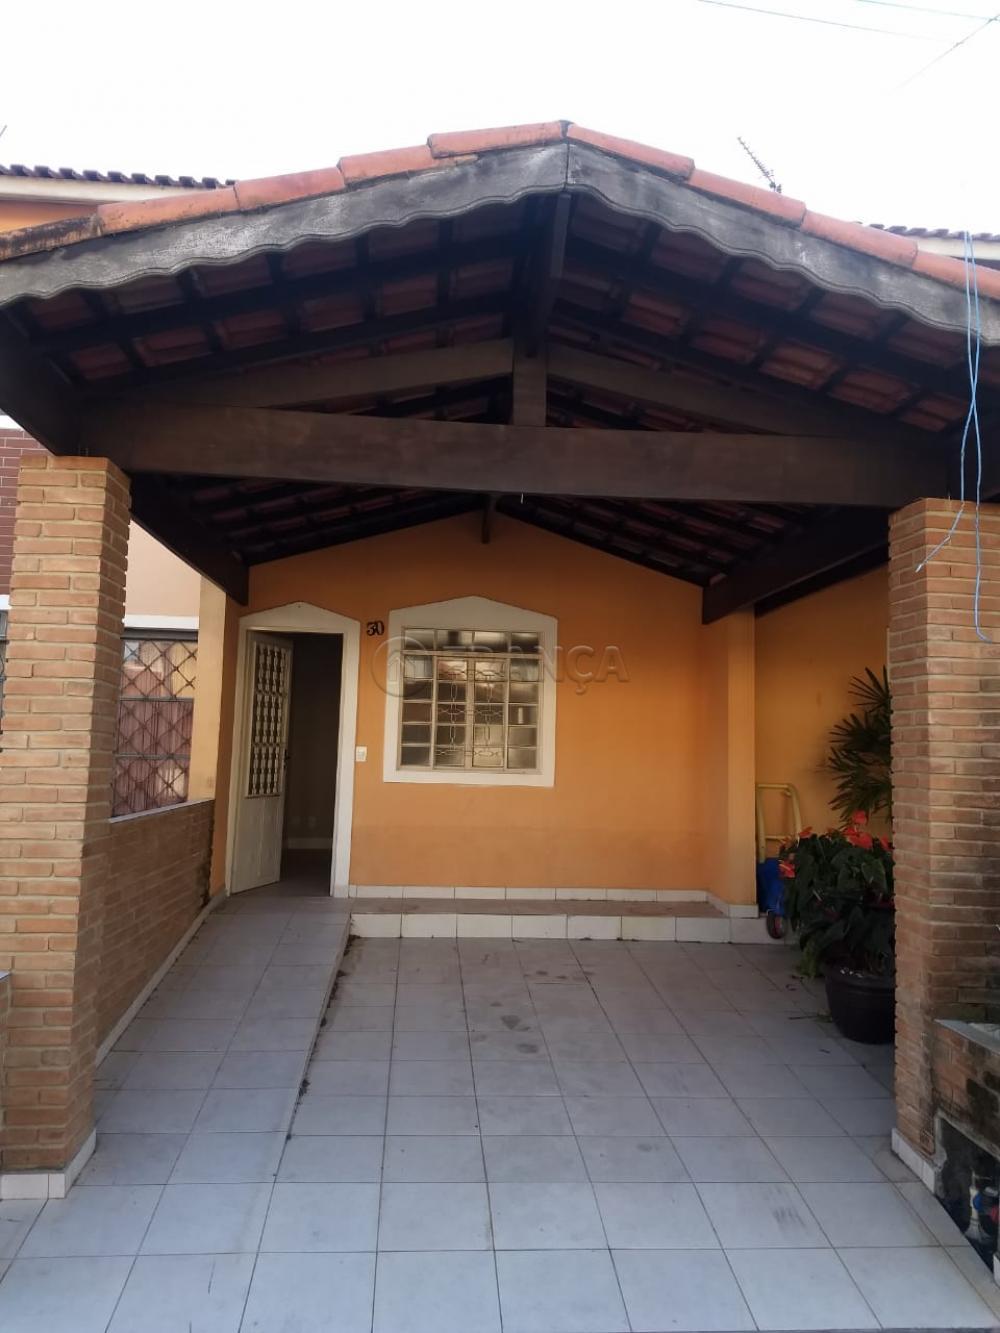 Comprar Casa / Condomínio em São José dos Campos apenas R$ 195.000,00 - Foto 1